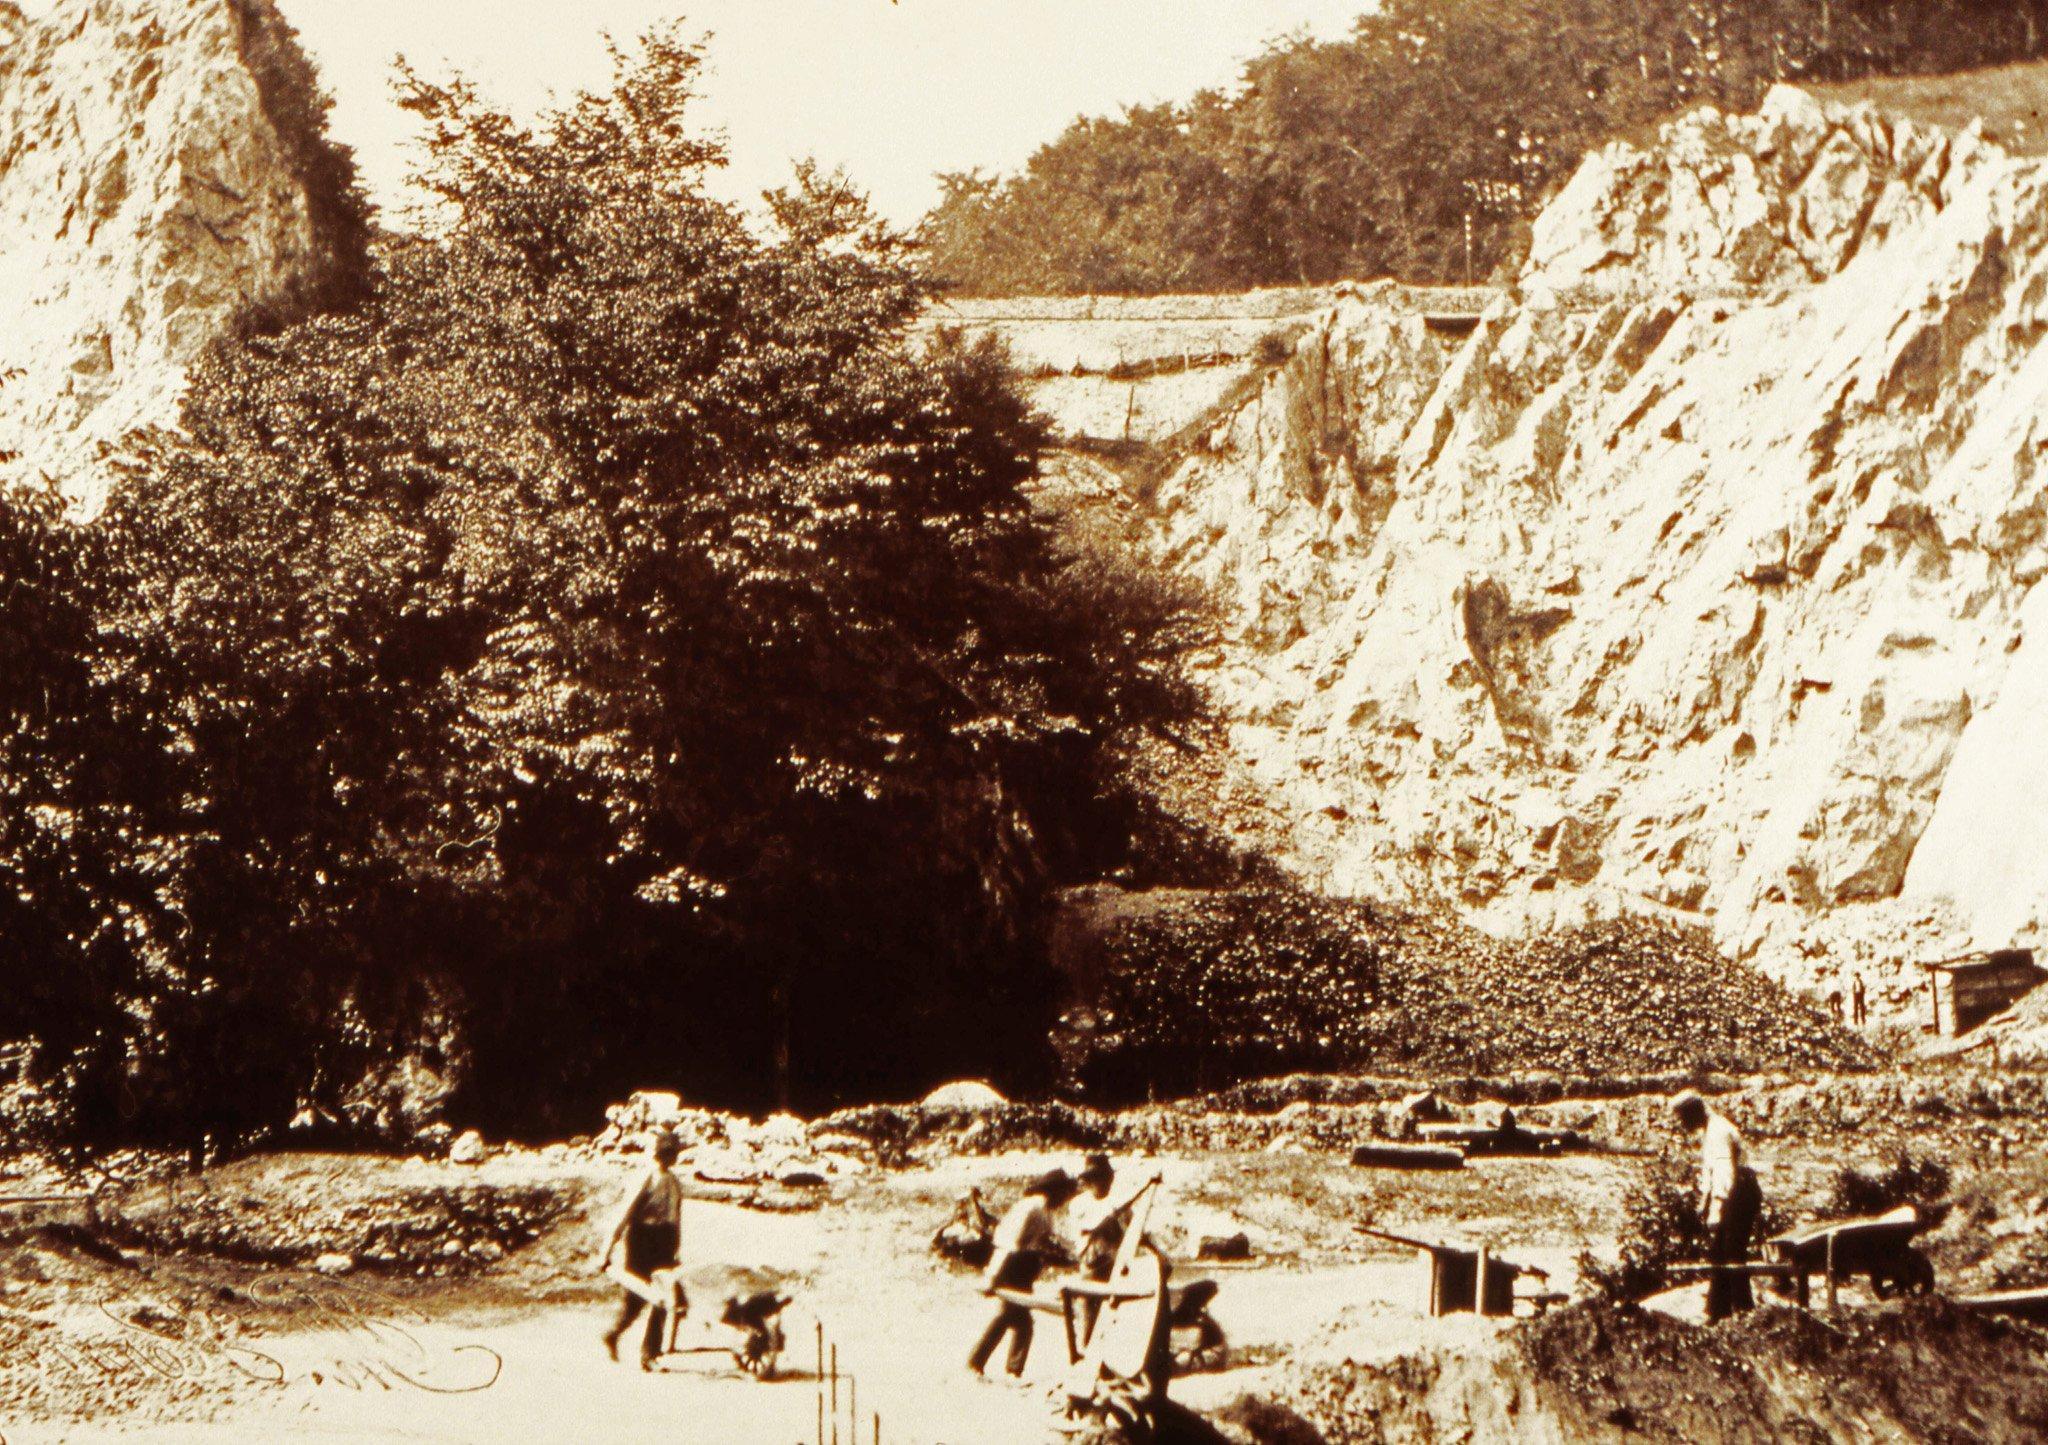 Auf dem historischen Foto sind Arbeiter zu sehen, die vor mehr als 150Jahren in einem Steinbruch im Neanderthal bei Düsseldorf Kalkstein abbauen. Dabei räumen sie auch mehrere Höhlen aus. Was die Arbeiter in dem Moment nicht wissen: In einer der Höhle lagern die fossilen Gebeine eines fossilen Menschen. Erst der Besitzer des Steinbruchs wird auf die Knochen aufmerksam und kurz darauf erkennt ein Gelehrter, dass es sich um die Knochen eines Urmenschen handelt. Er wird Neandertaler genannt.